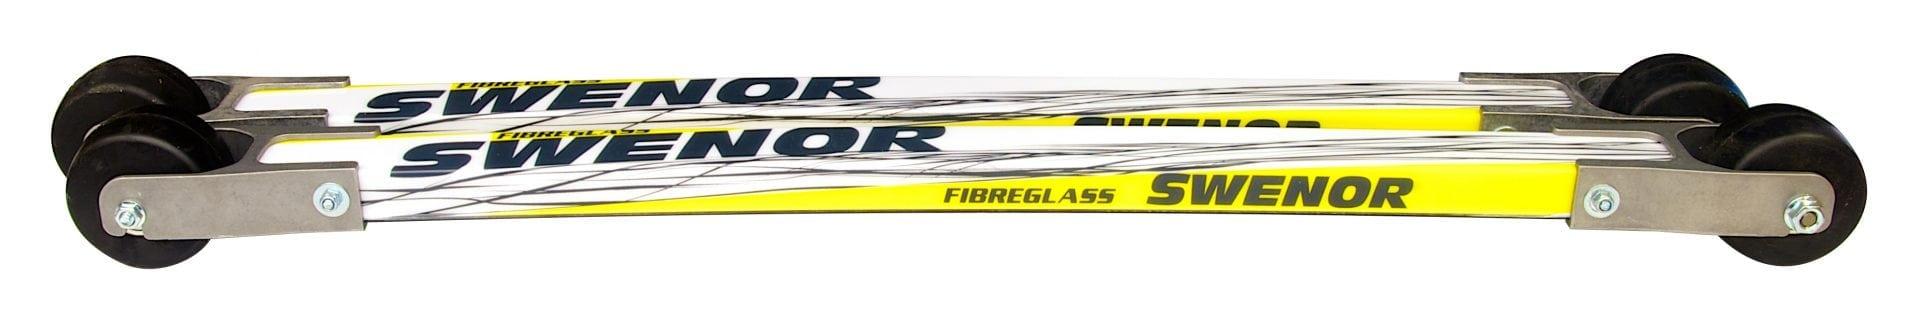 swenor fibreglass hjul